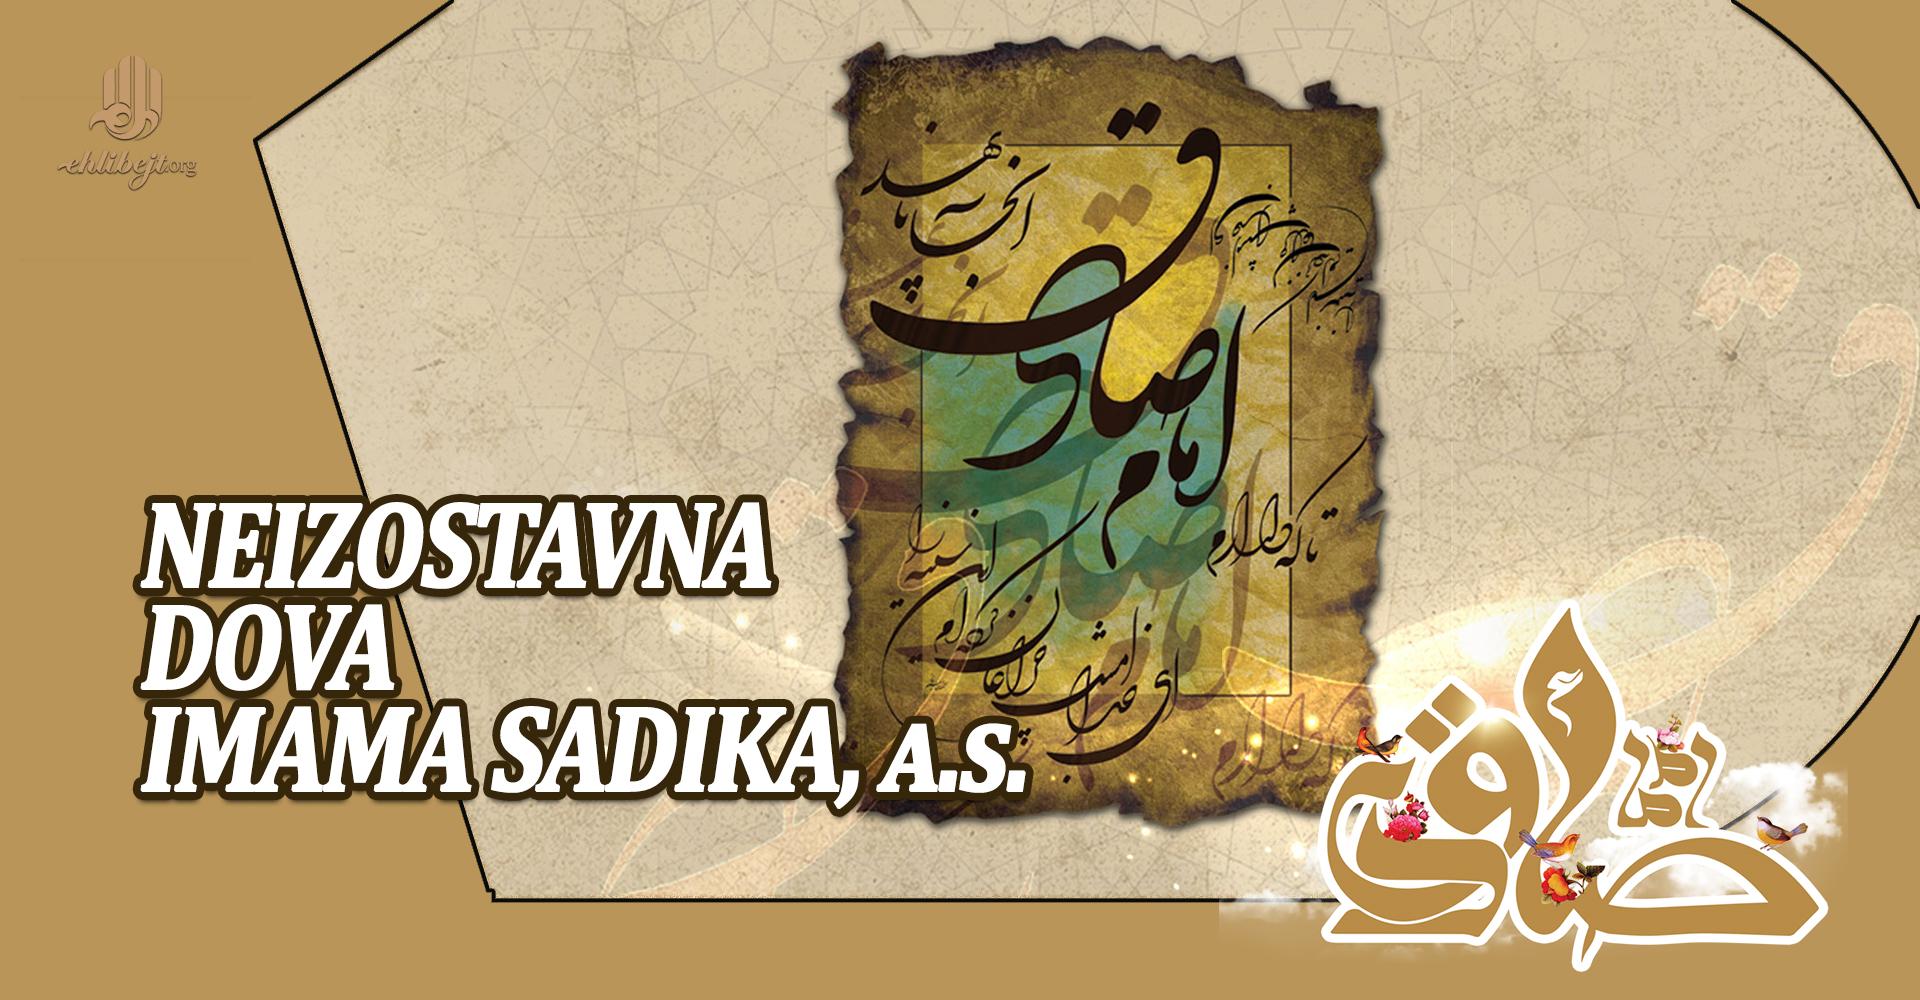 Neizostavna dova Imama Sadika, a.s.